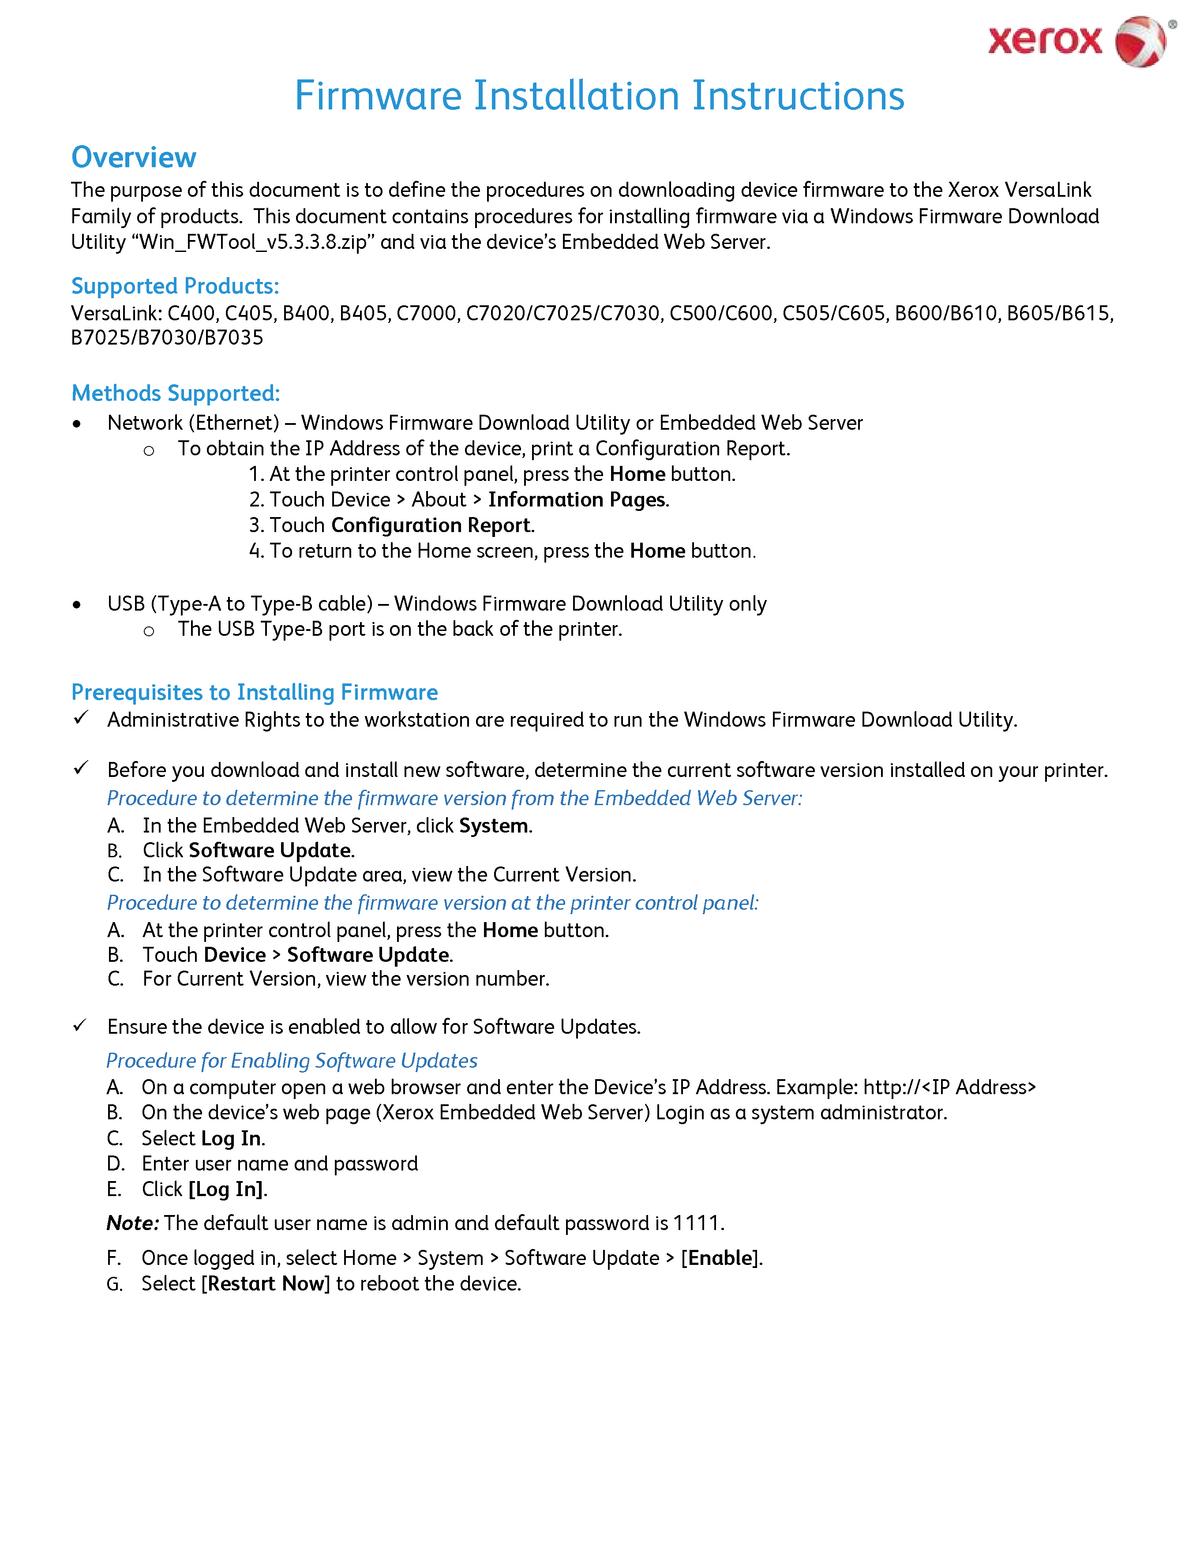 Firmware Installation Instructions v2 - Sociologia 00562